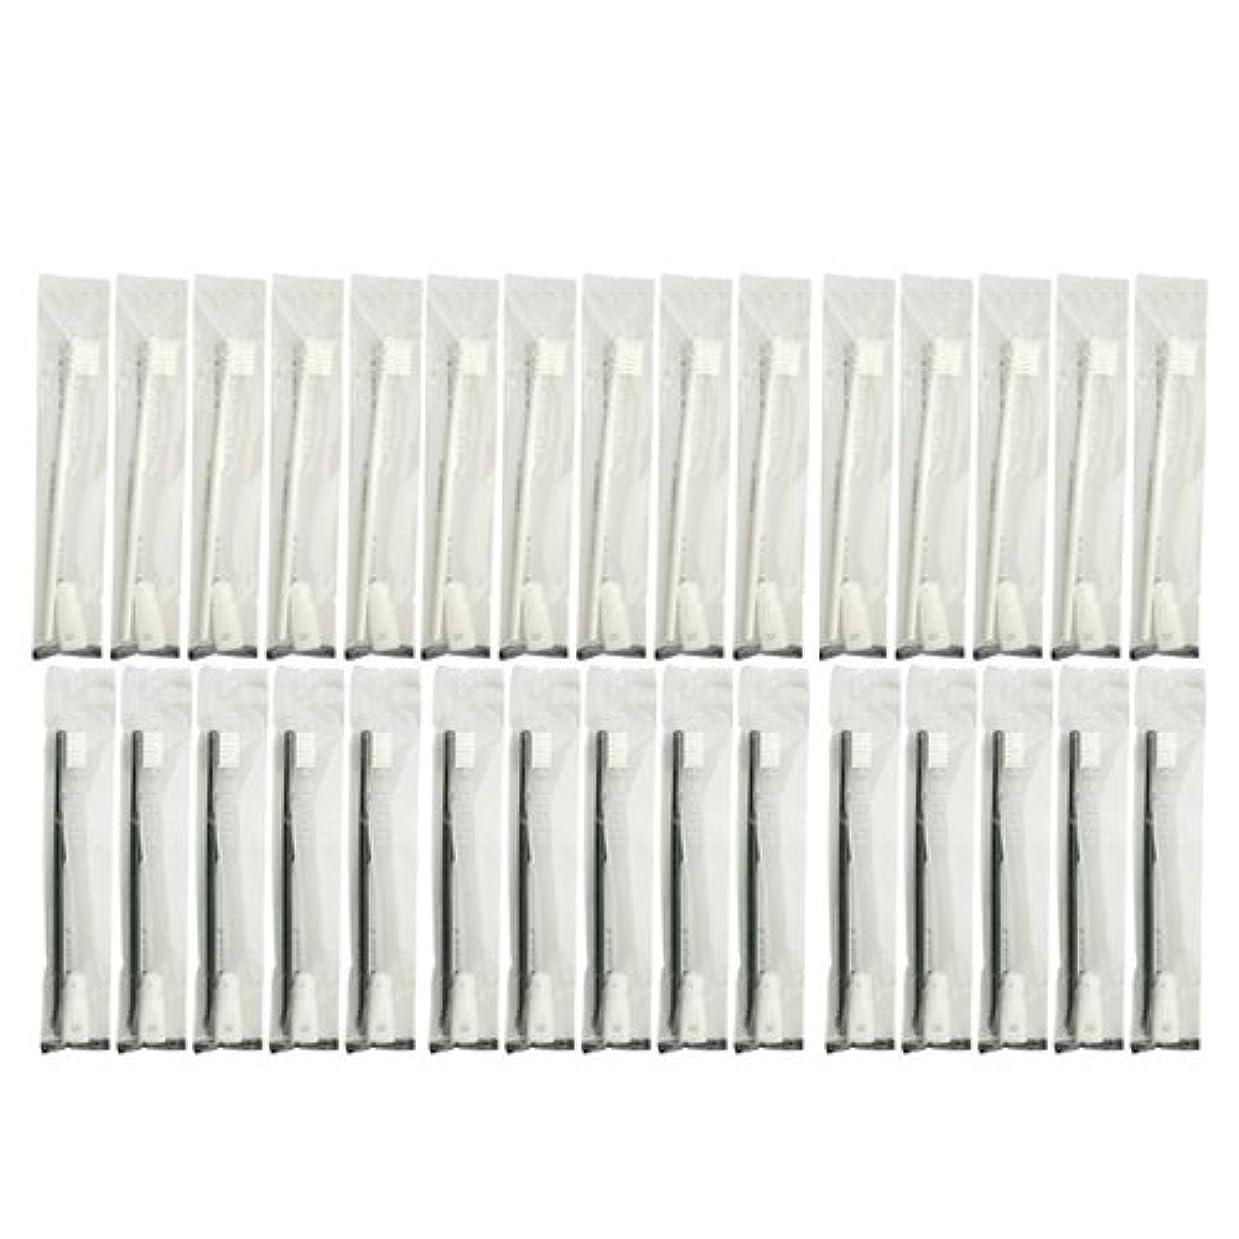 ドルマット経営者業務用 使い捨て歯ブラシ チューブ歯磨き粉(3g)付き アソート 30本 (ブラック15本/ホワイト15本)セット│ホテルアメニティ 個包装タイプ